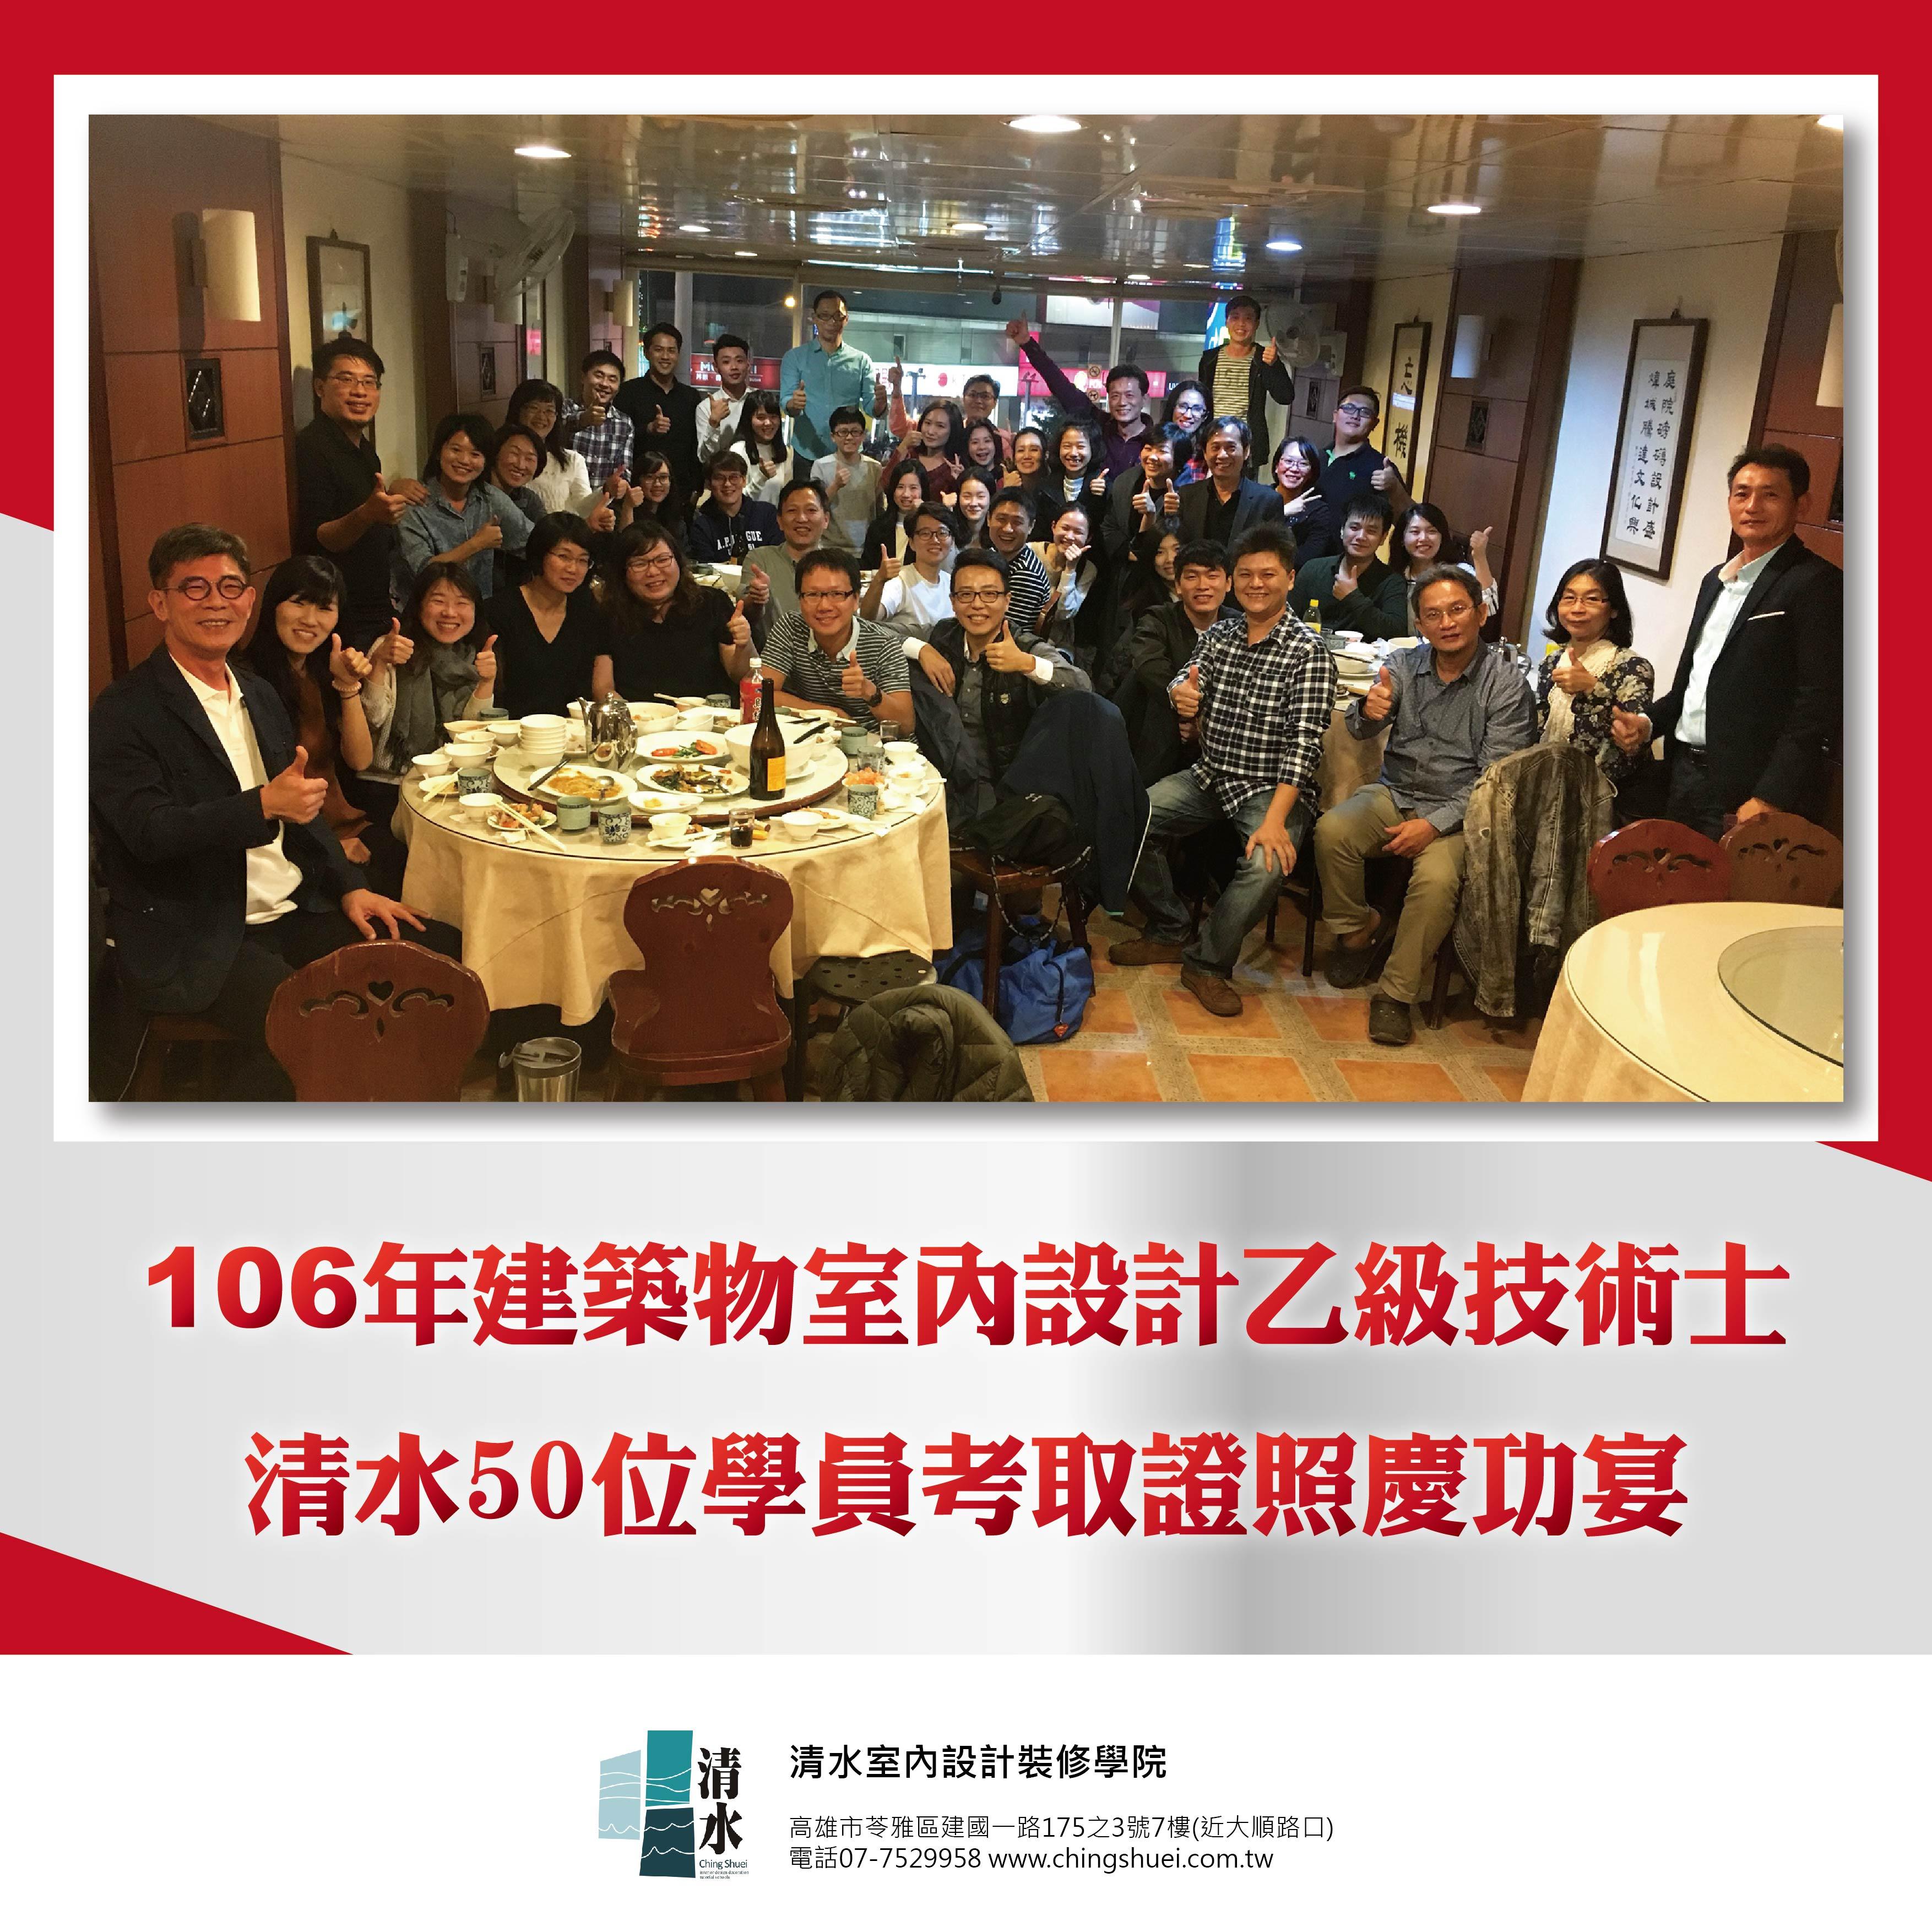 106慶功宴.jpg